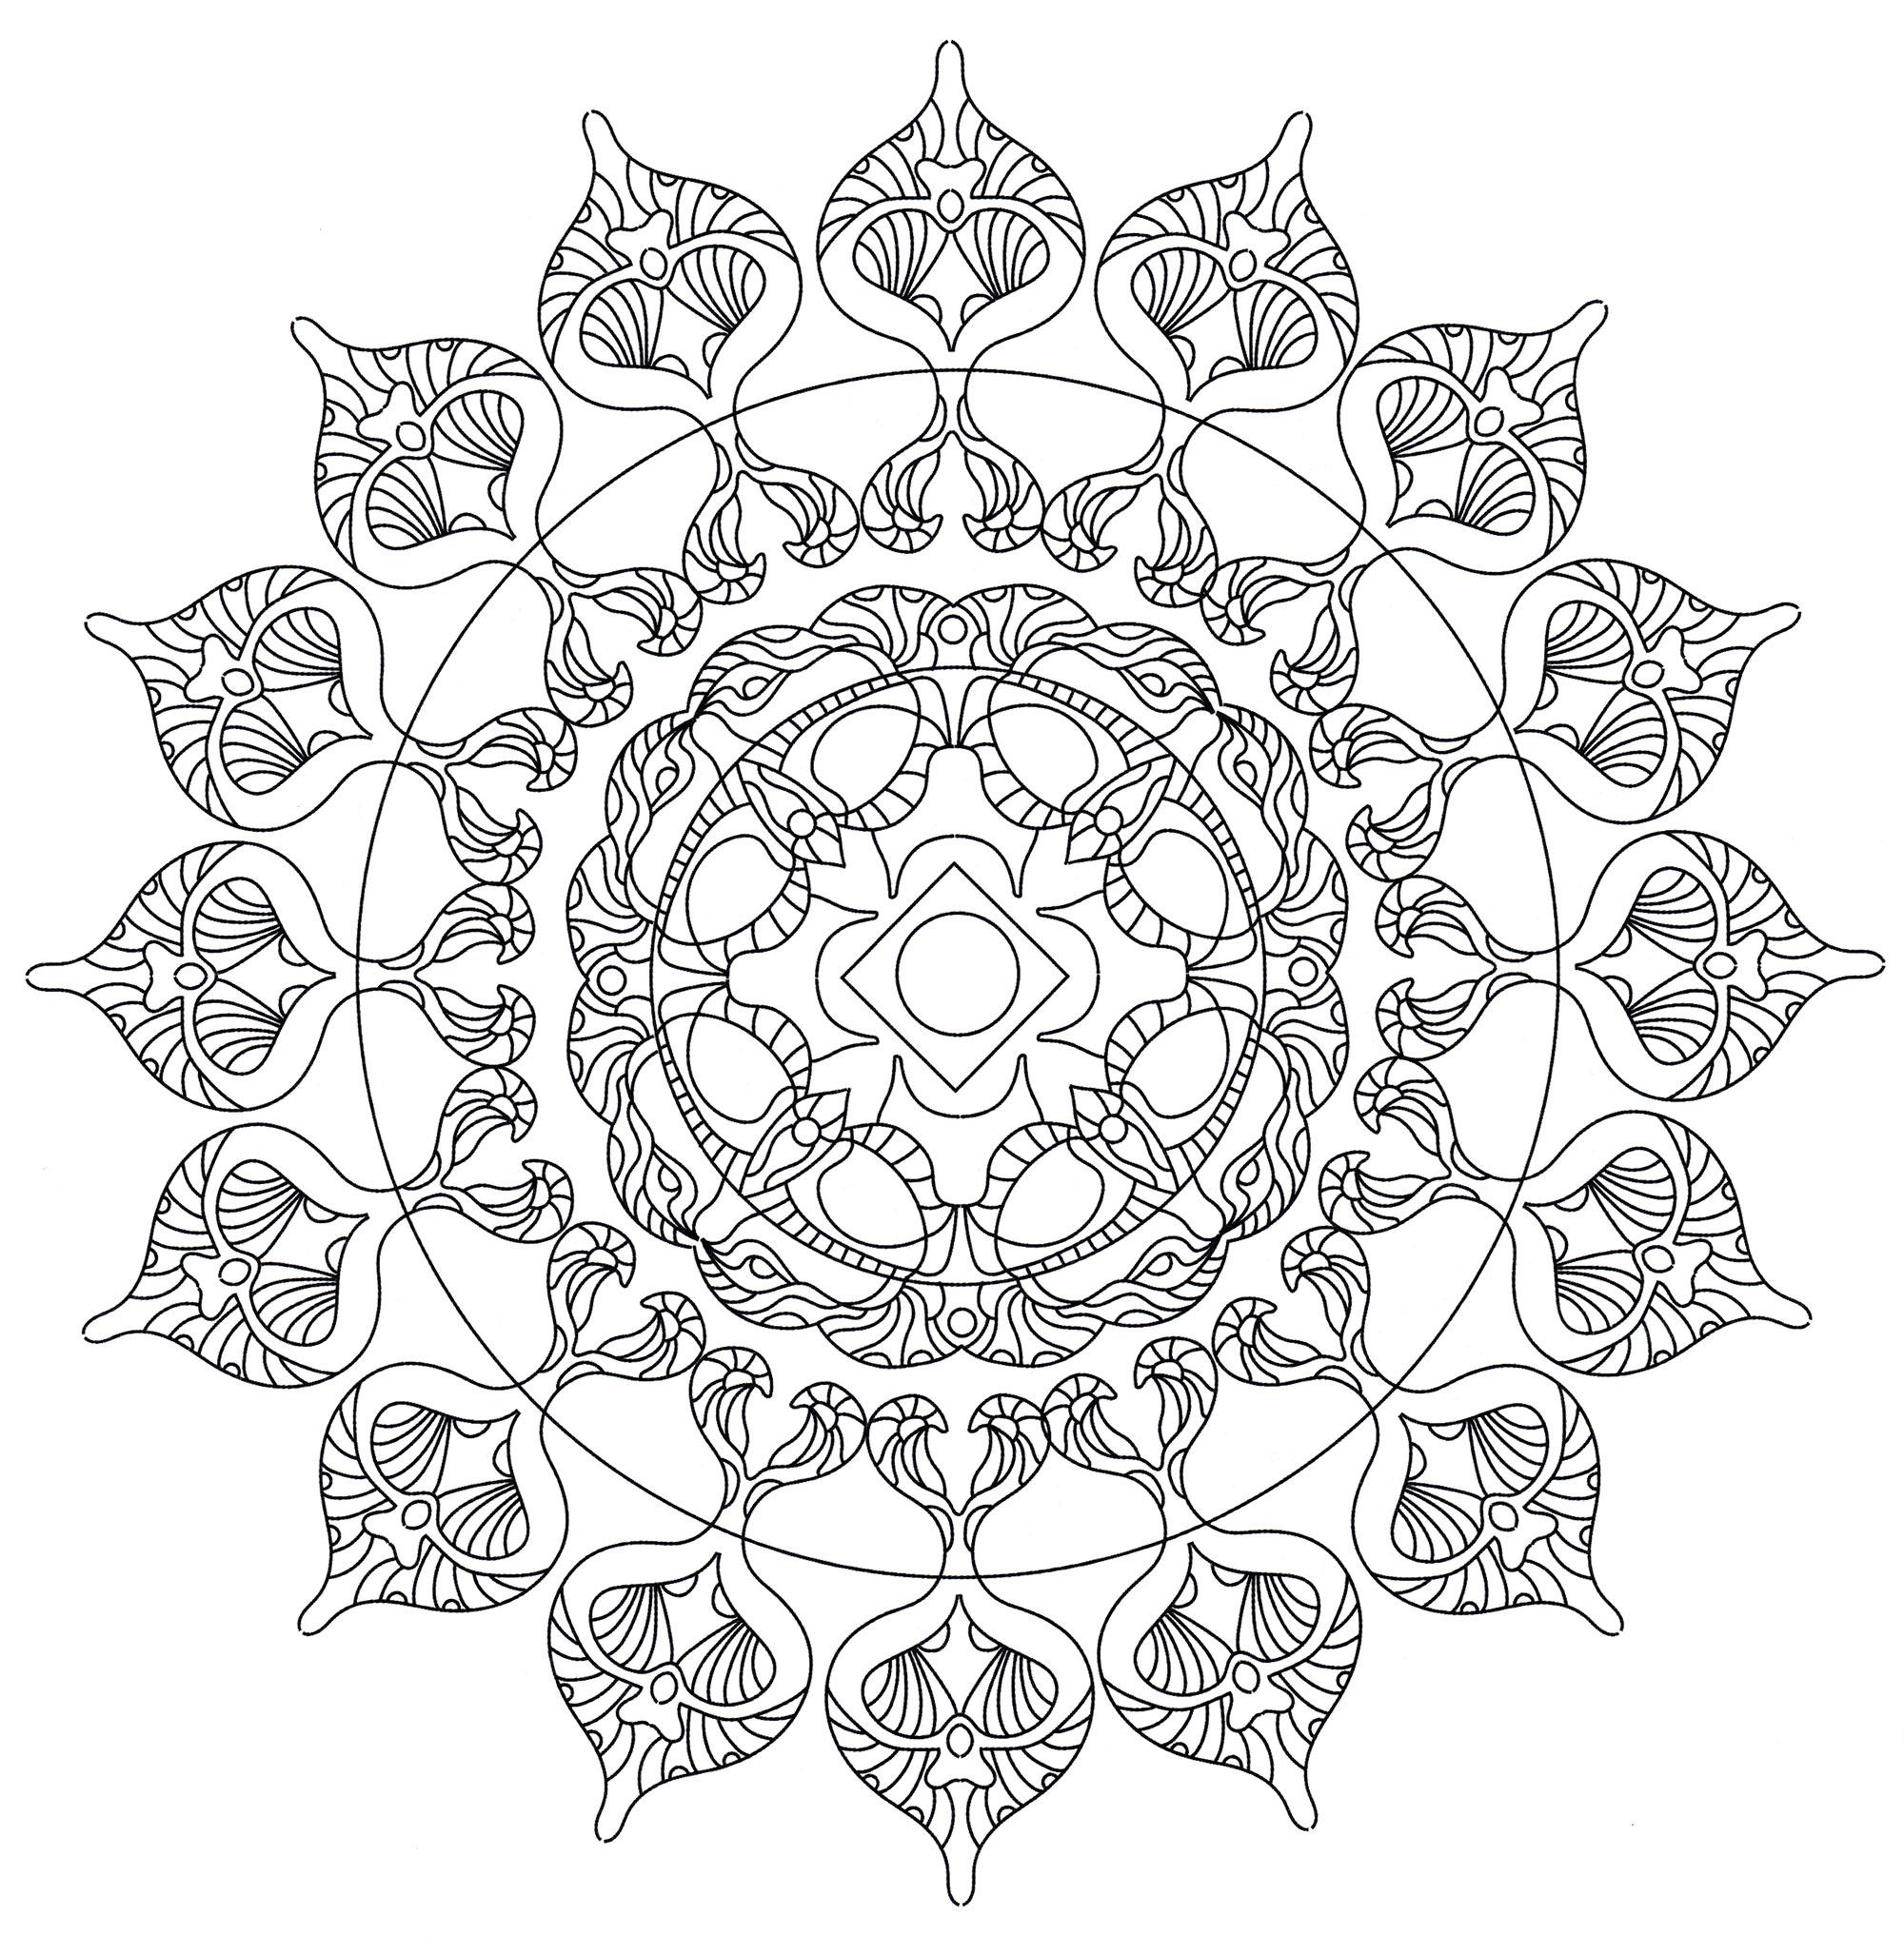 Раскраска Мандала Цветы востока - распечатать бесплатно